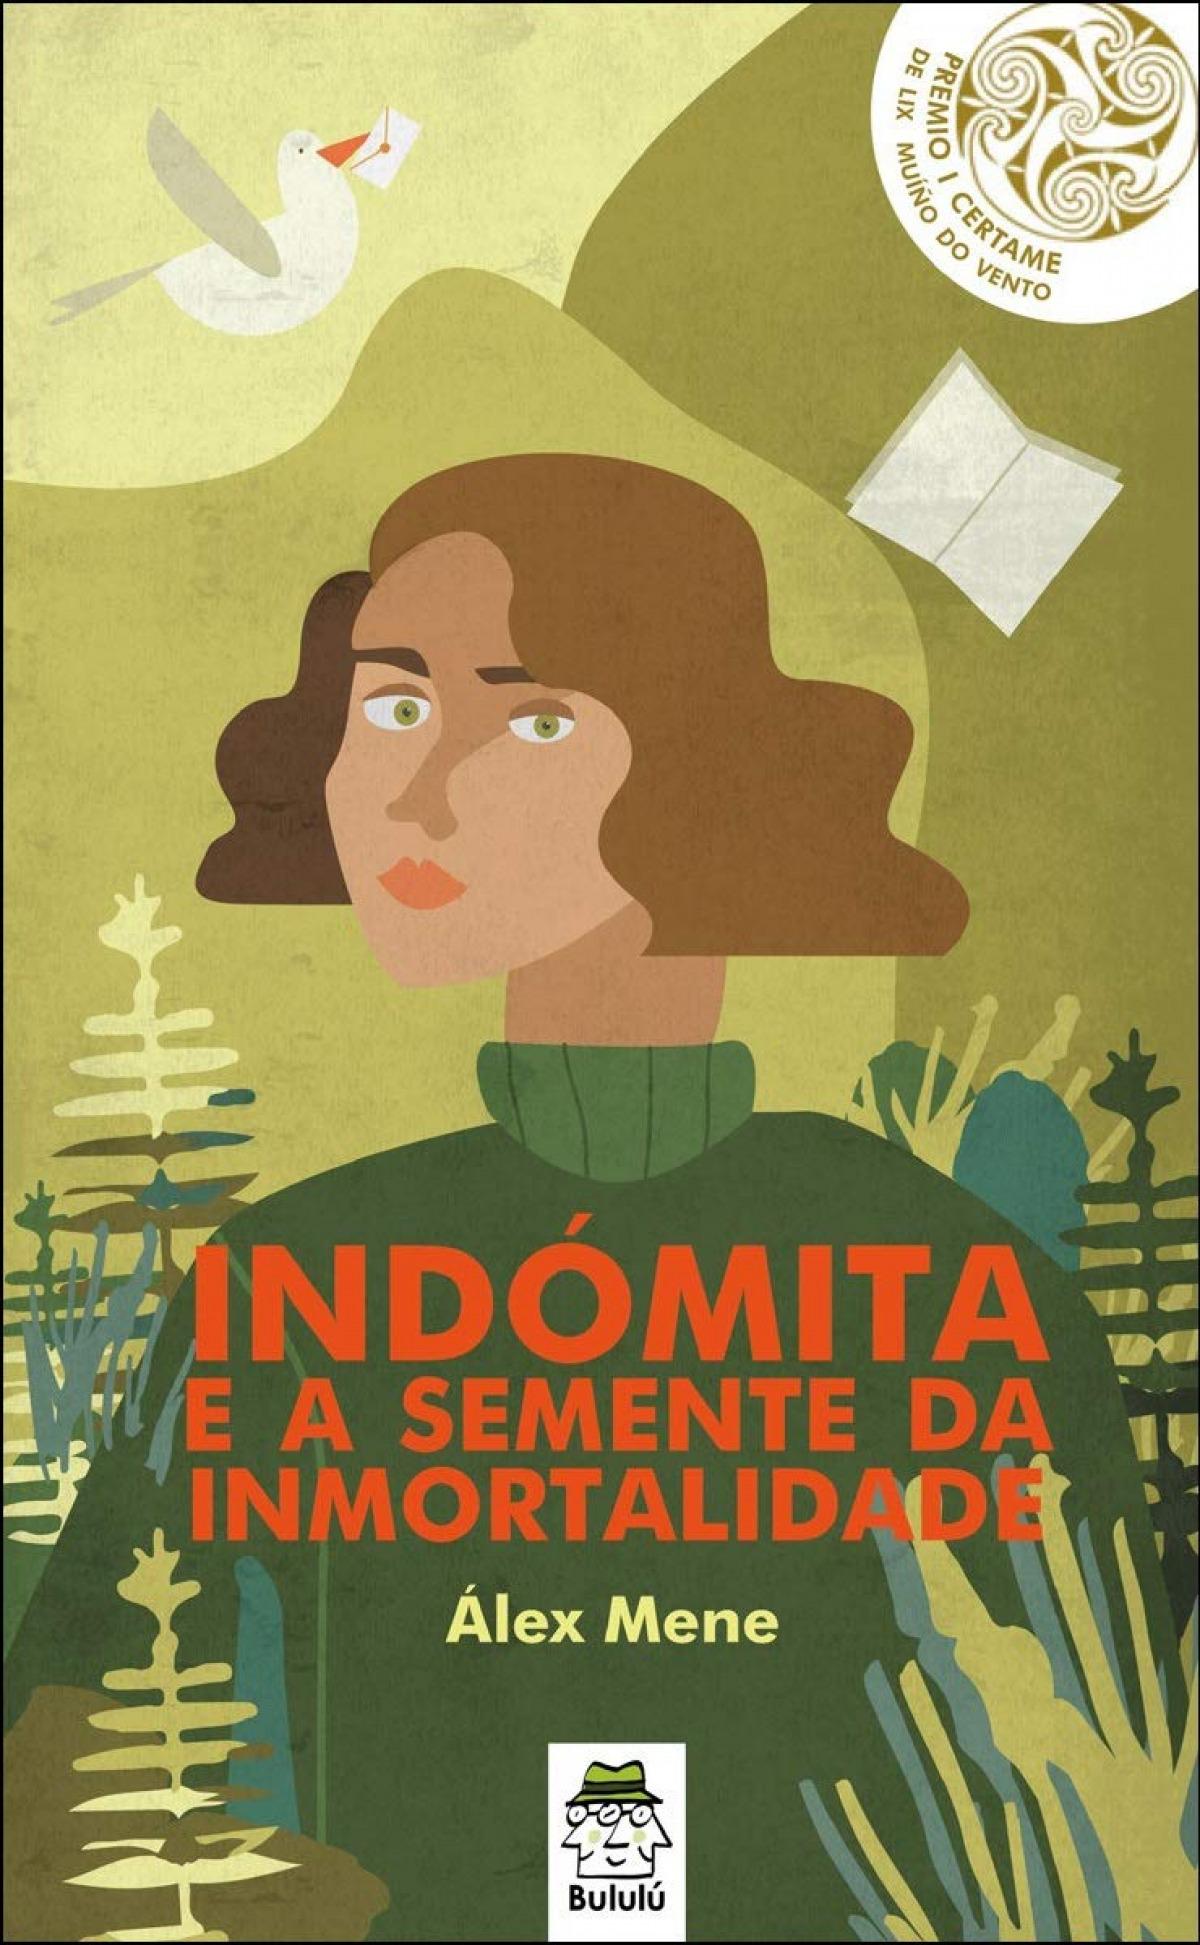 INDÓMITA E A SEMENTE DA INMORTALIDADE